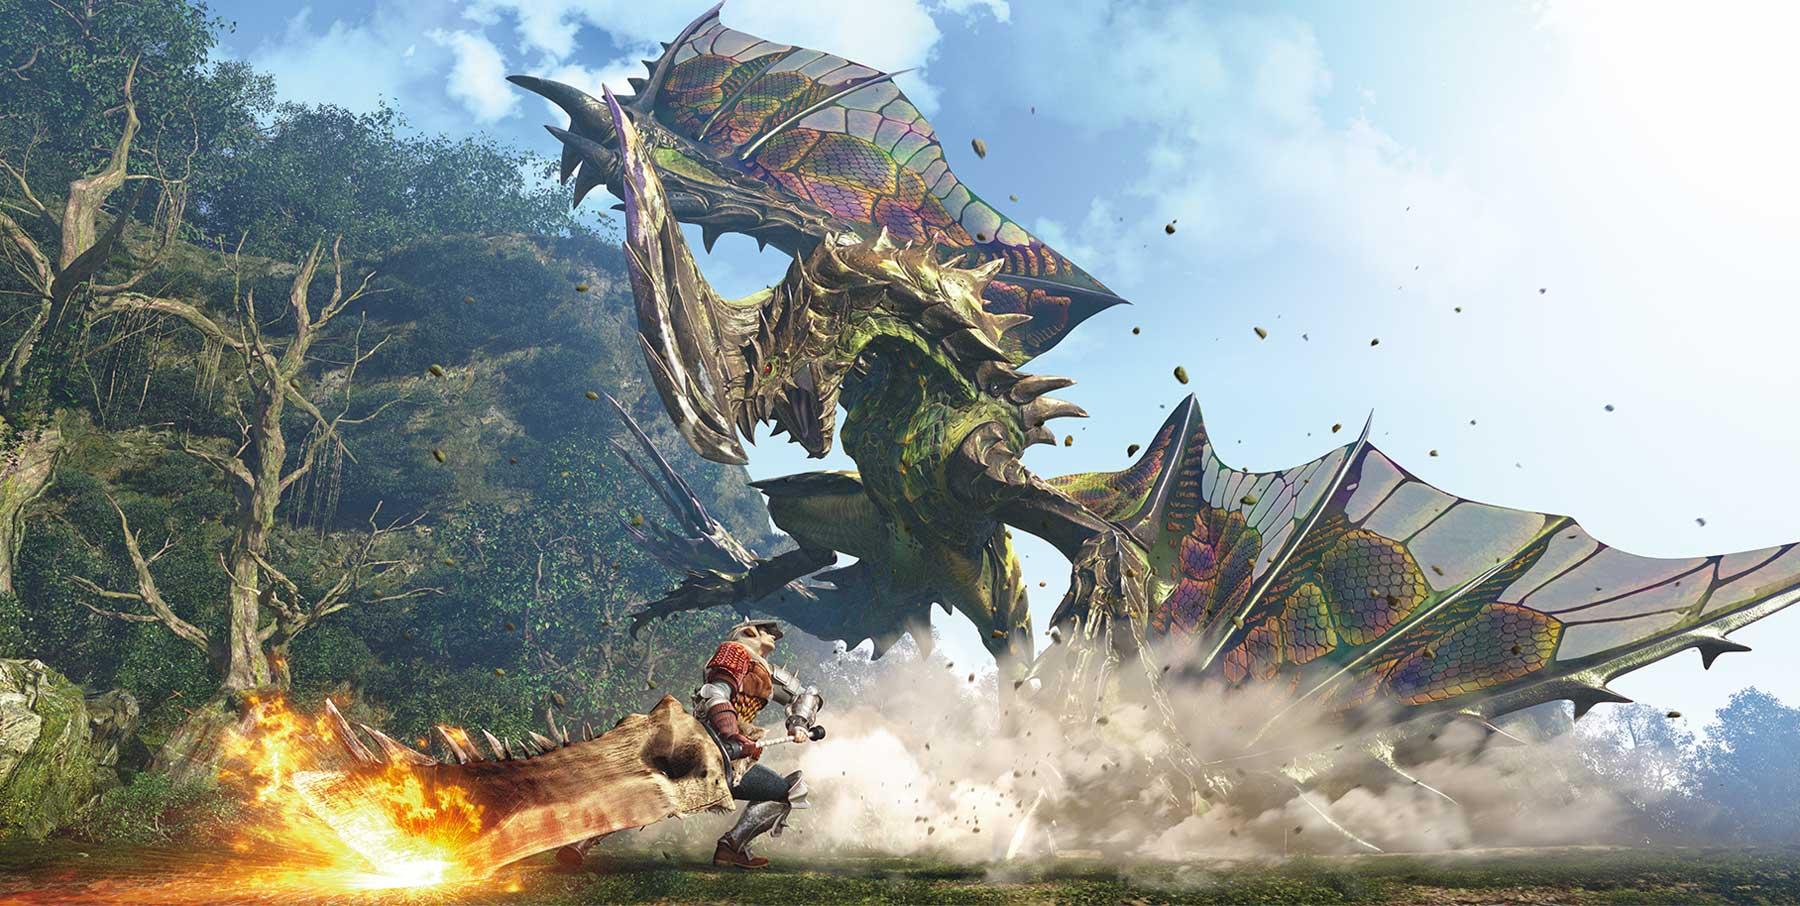 Imagem de Monster Hunter World: confira a performance em 20 minutos no PS4 Pro no tecmundogames